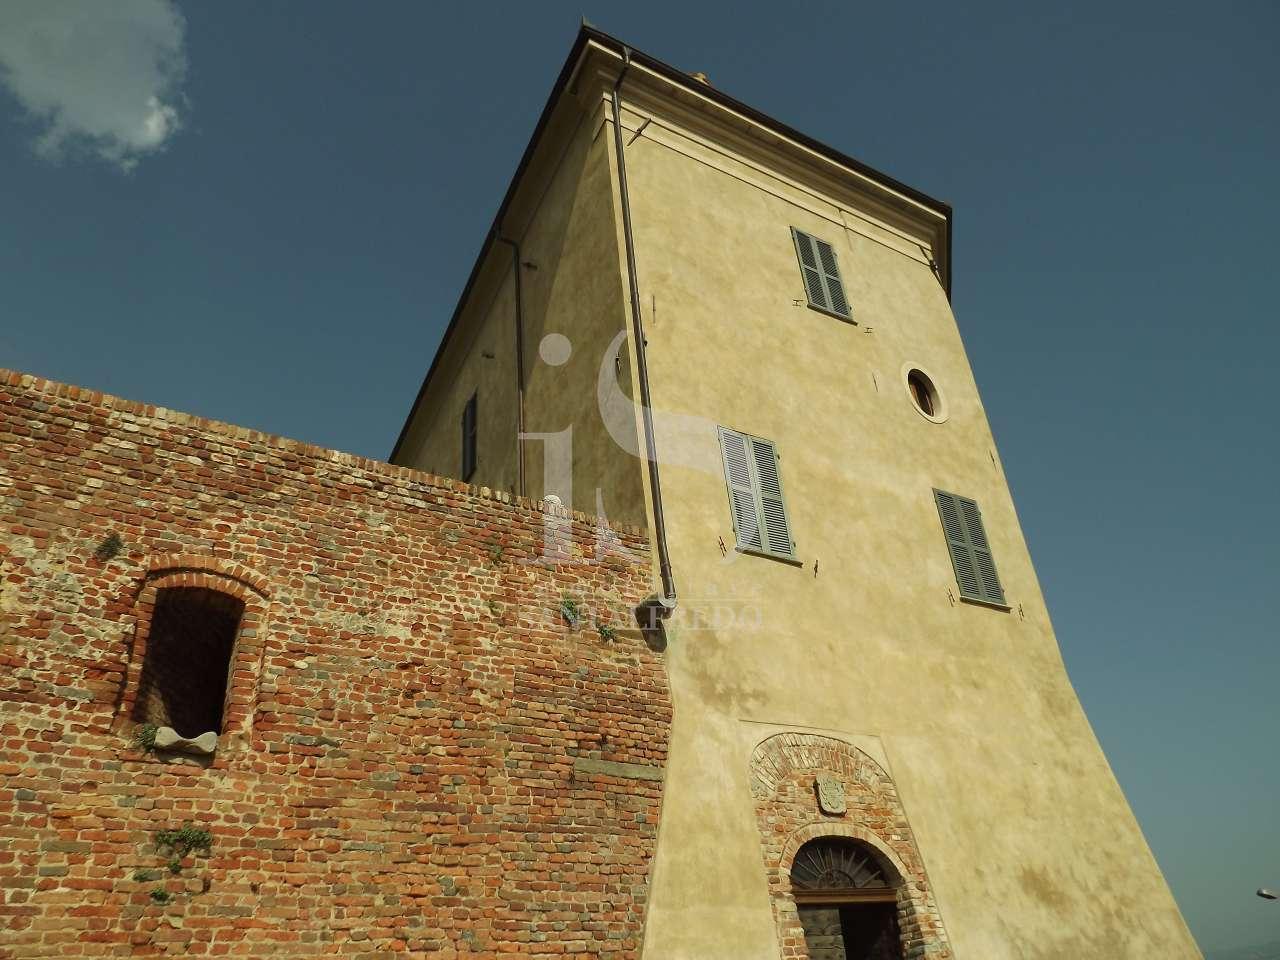 Castello in vendita a Alba (CN)